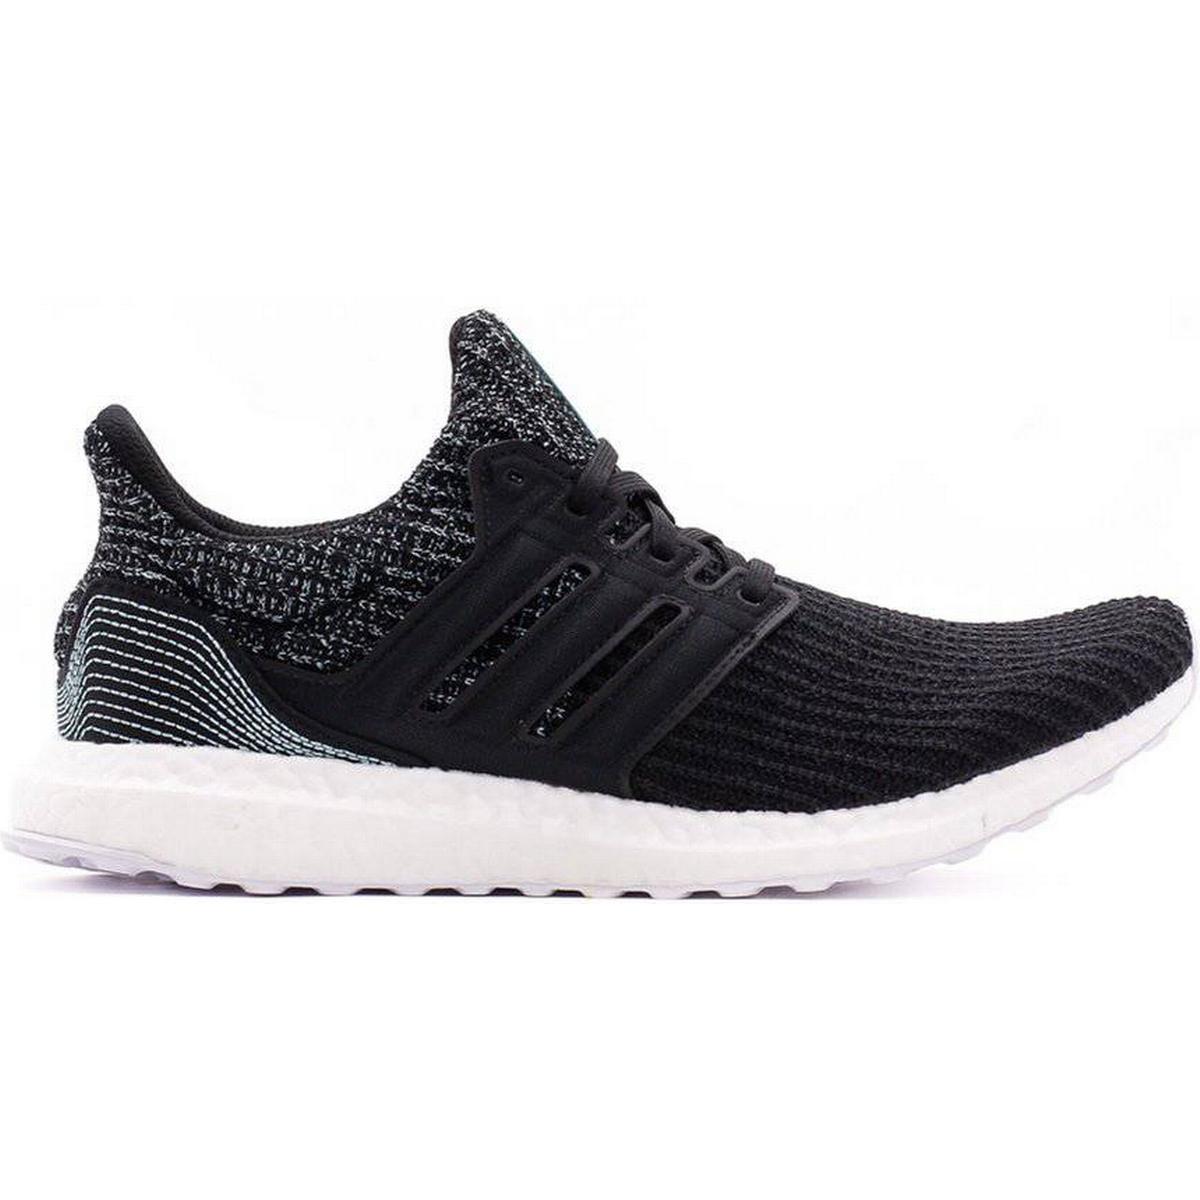 adidas Ultra Boost bluecarbonlegend inkcore black (Herren)